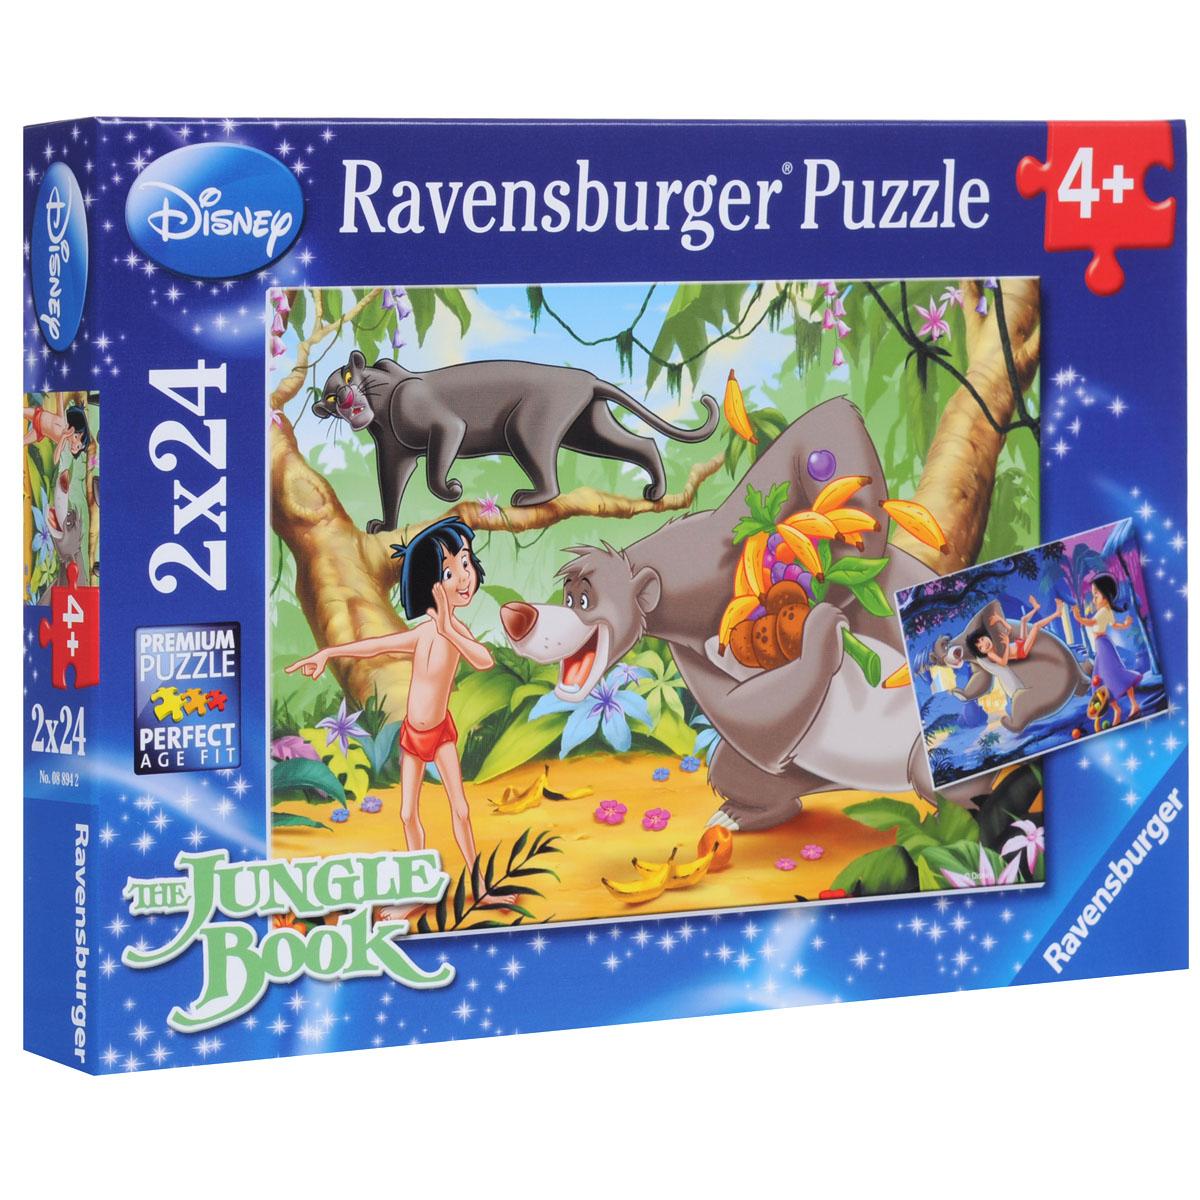 Ravensburger Маугли и друзья. Пазл, 2 х 24 элементов08894Пазл Ravensburger Маугли и друзья, без сомнения, придется по душе вам и вашему малышу. В набор входят два замечательных пазла по 24 элемента с героями мультфильма Книга джунглей. Маугли - это маленький мальчик, который оказался совершенно один в джунглях еще младенцем. Его взяли себе на воспитание пантера Багира и медведь Балу. На первом пазле изображены Маугли, Балу и Багира, а на второй картинке Балу, Маугли и девочка из деревни, которая нравится мальчику. Каждая деталь имеет свою форму и подходит только на своё место. Нет двух одинаковых деталей! Пазл изготовлен из картона высочайшего качества. Все изображения аккуратно отсканированы и напечатаны на ламинированной бумаге. Пазл - великолепная игра для семейного досуга. Сегодня собирание пазлов стало особенно популярным, главным образом, благодаря своей многообразной тематике, способной удовлетворить самый взыскательный вкус. А для детей это не только интересно, но и полезно. Собирание пазла развивает мелкую...